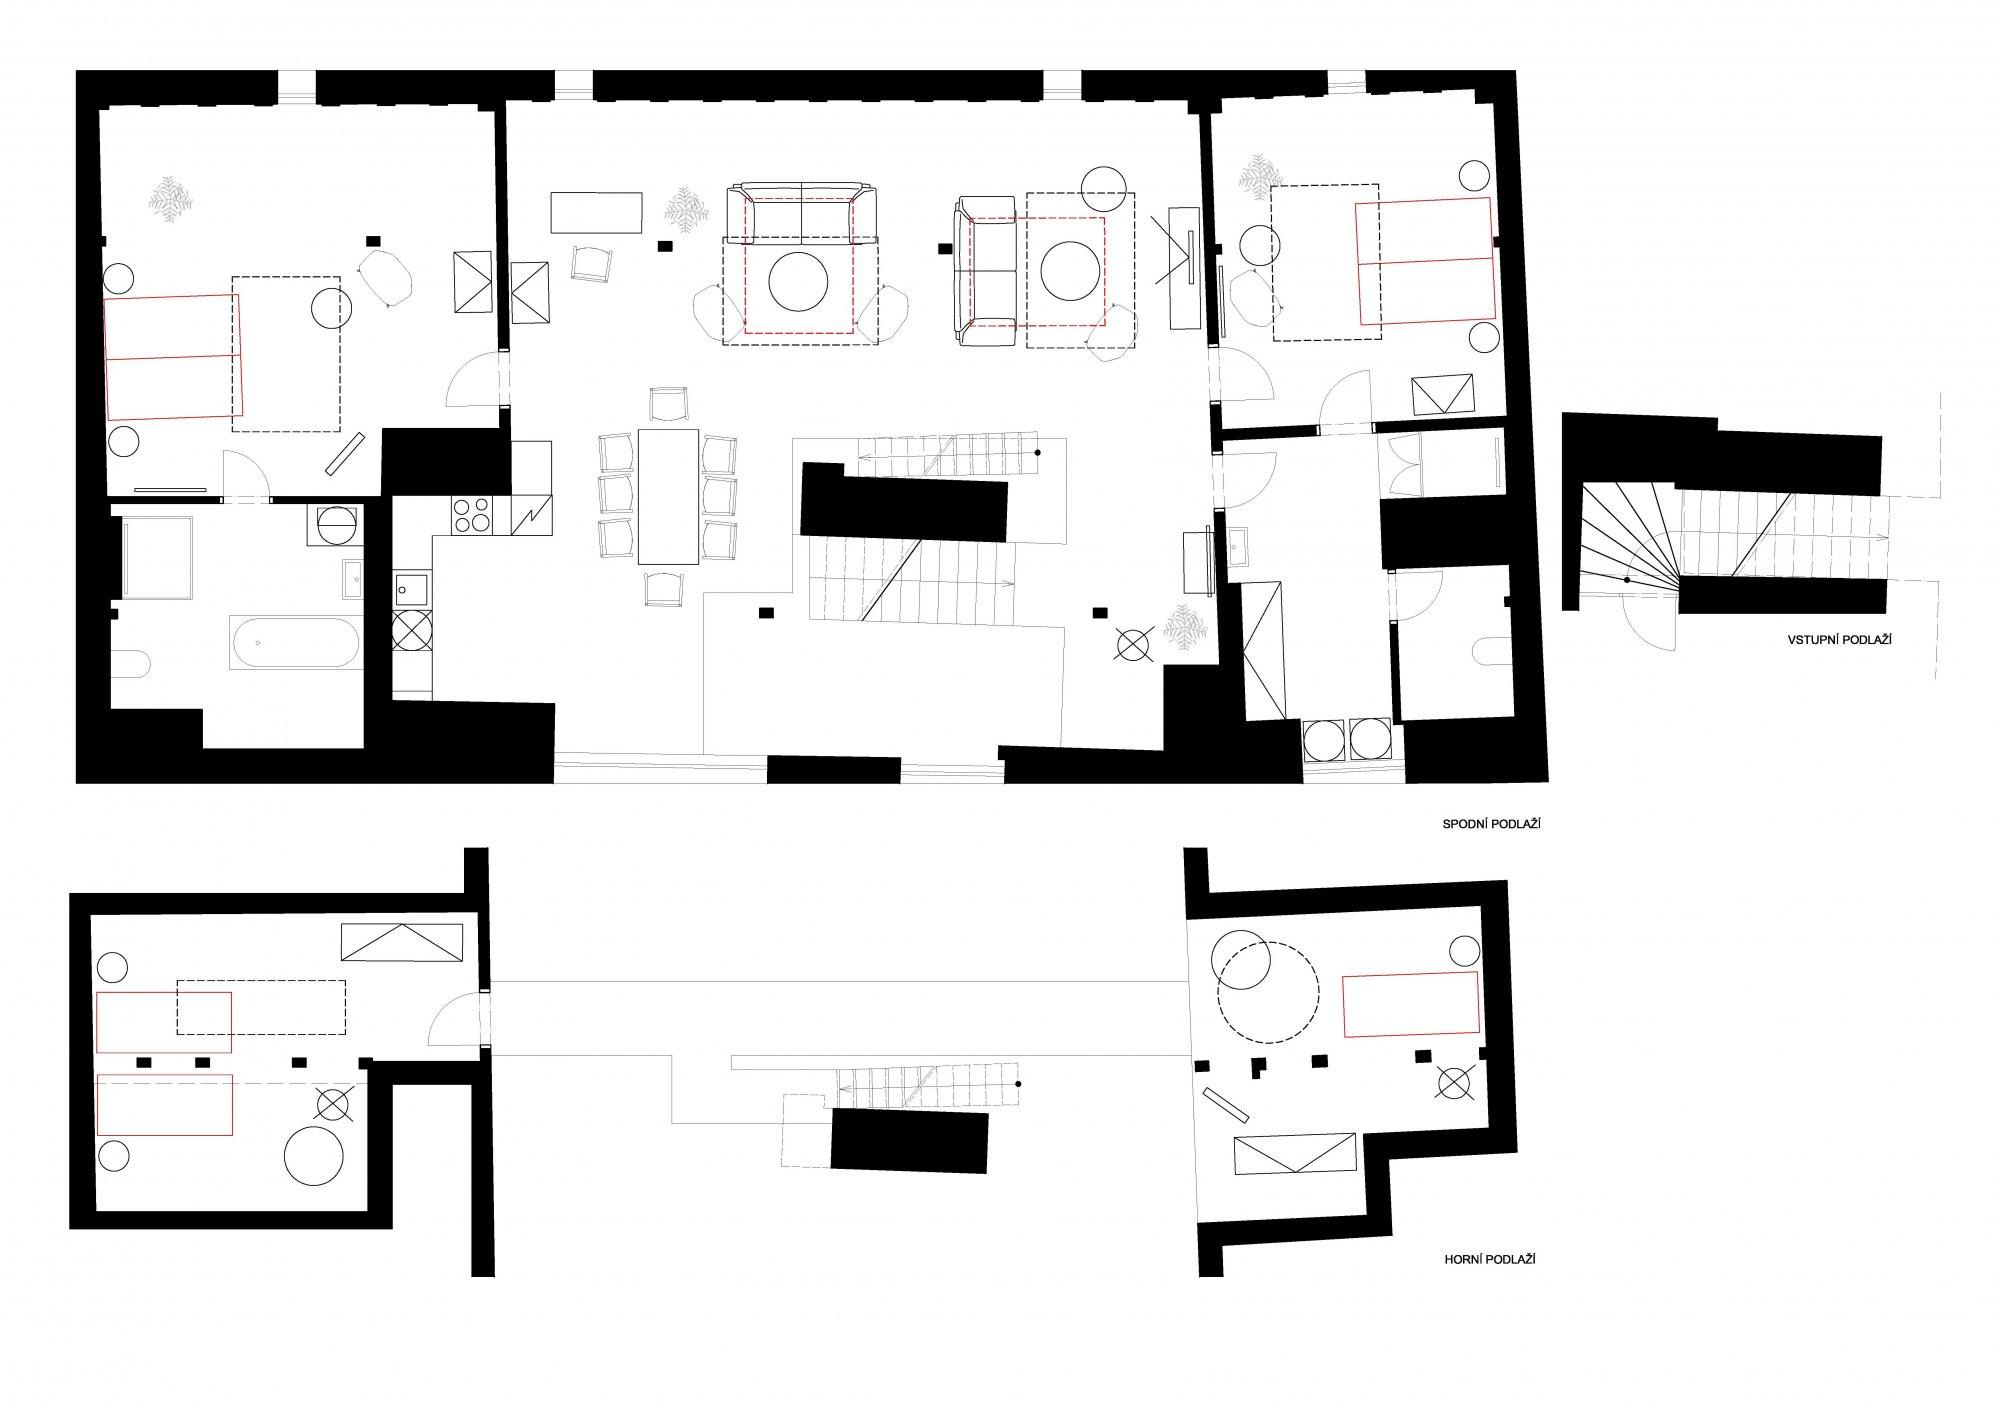 Půdorys - Půdní byt 4+kk, plocha 194 m², ulice Tržiště, Praha 1 - Malá Strana